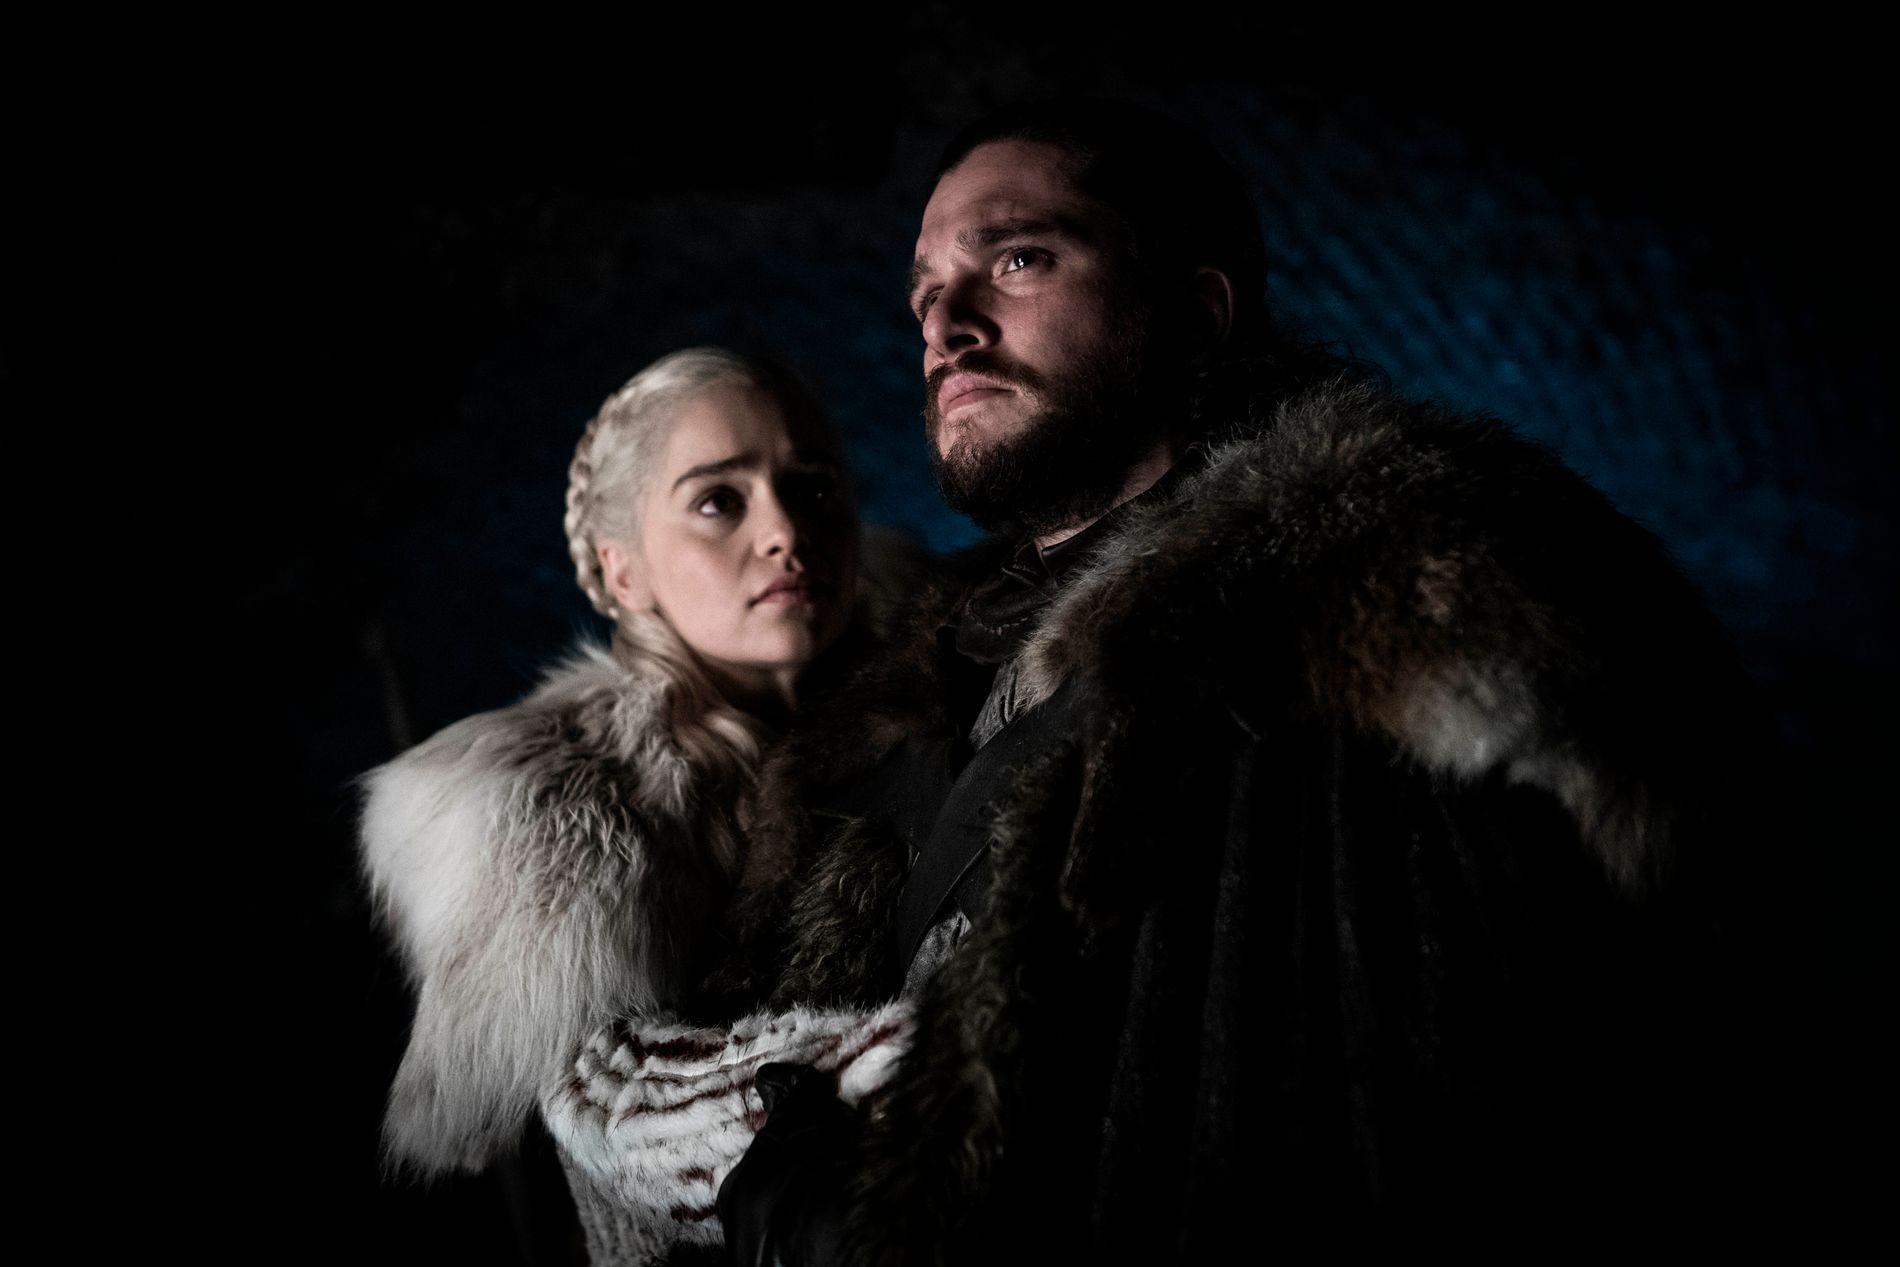 SISTE SESONG: Emilia Clarke som Daenerys Targaryen og Kit Harrington som Jon Snow.